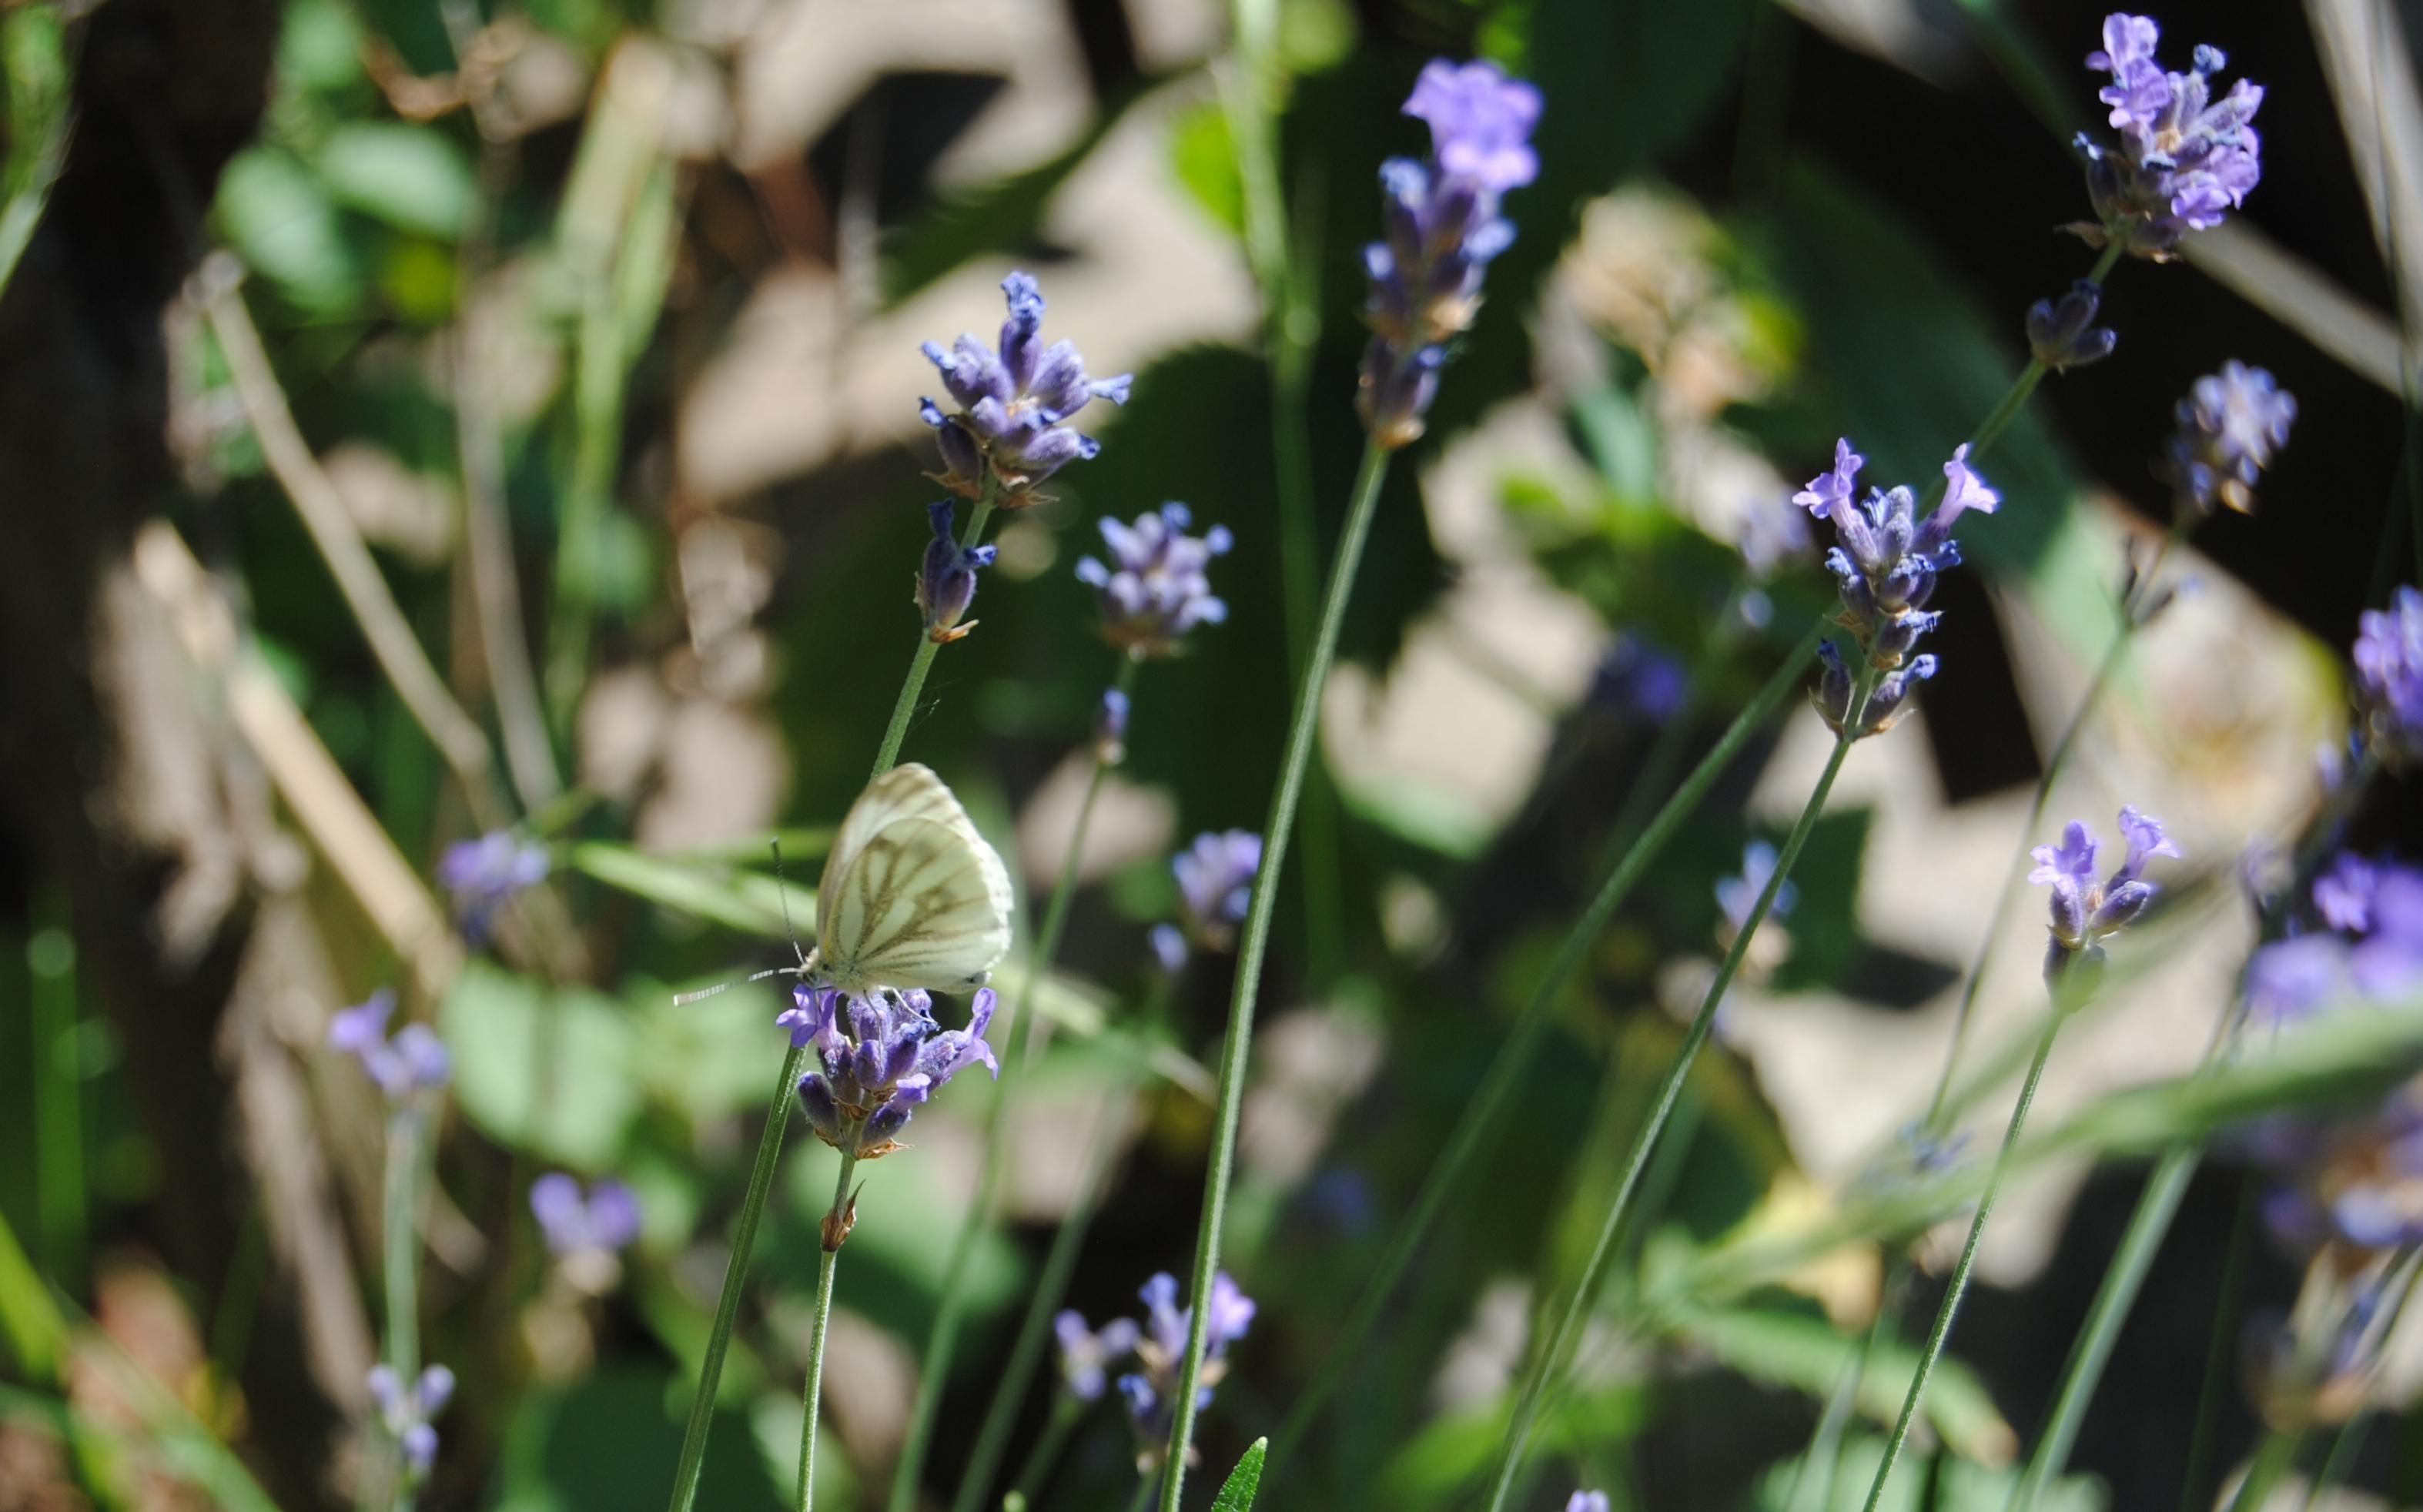 Lavendel Schmetterling - Der Juli: Heuert, bärig und sehr heiss